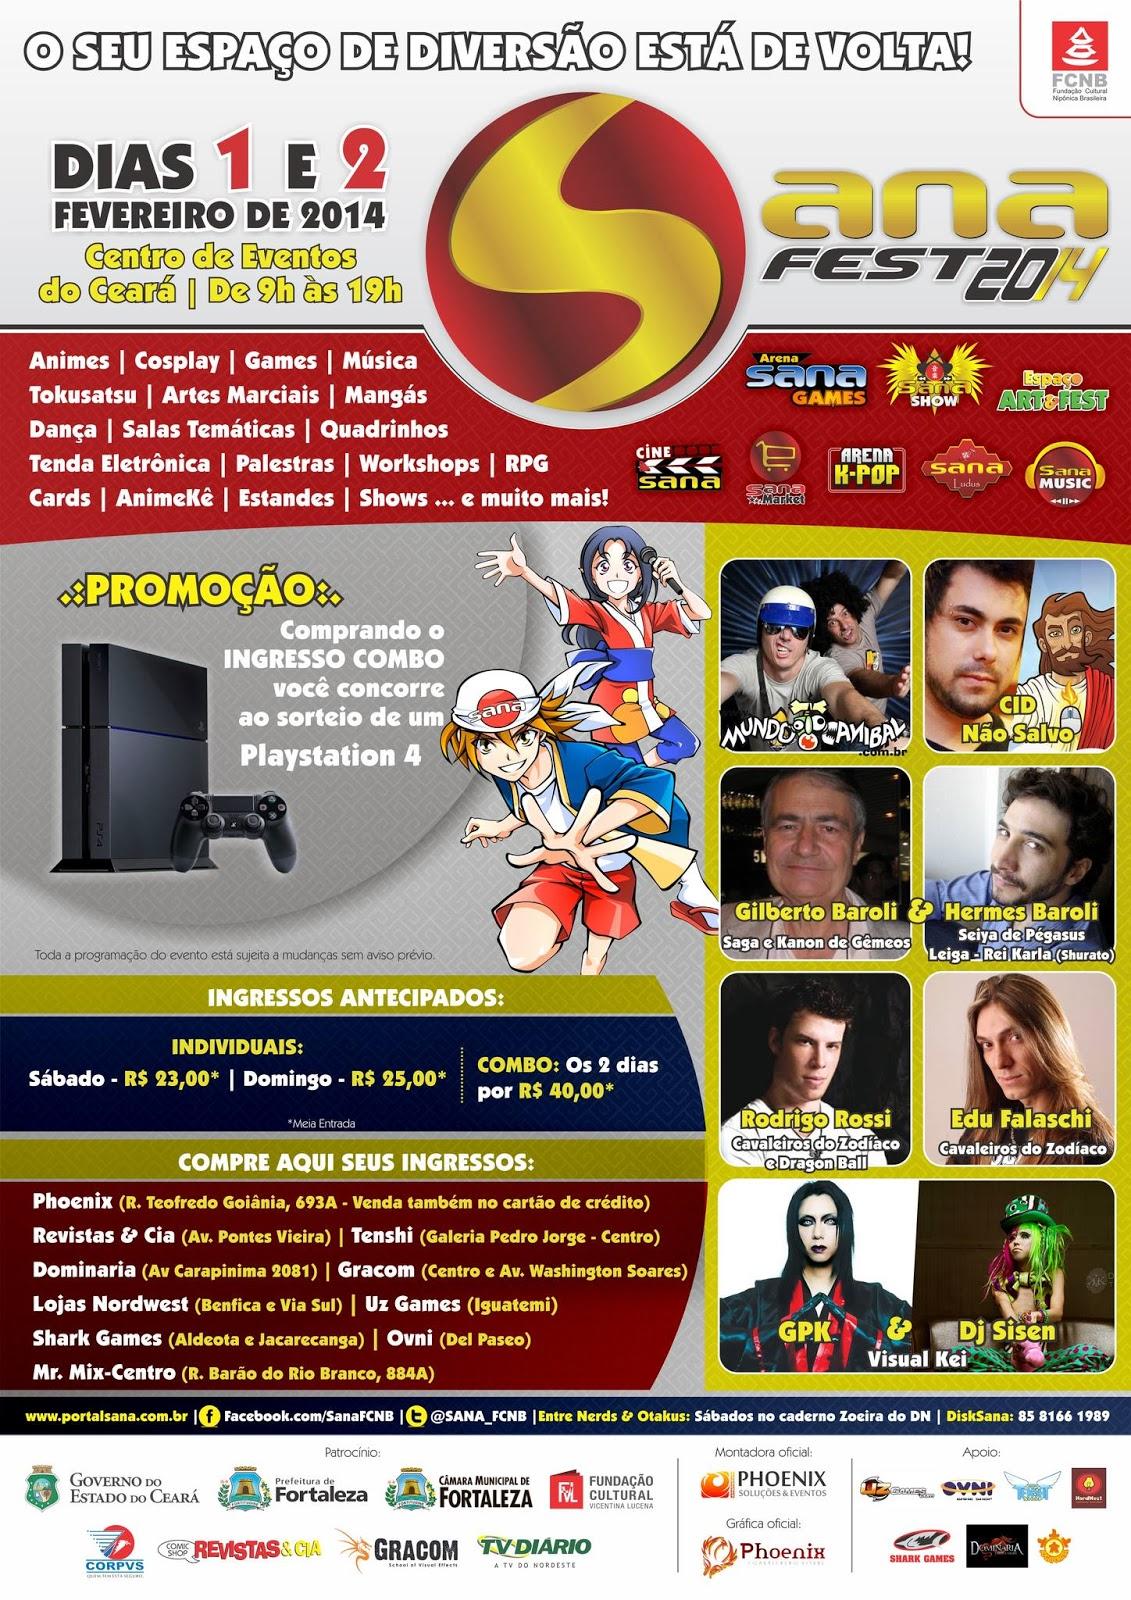 SANA Fest 2014